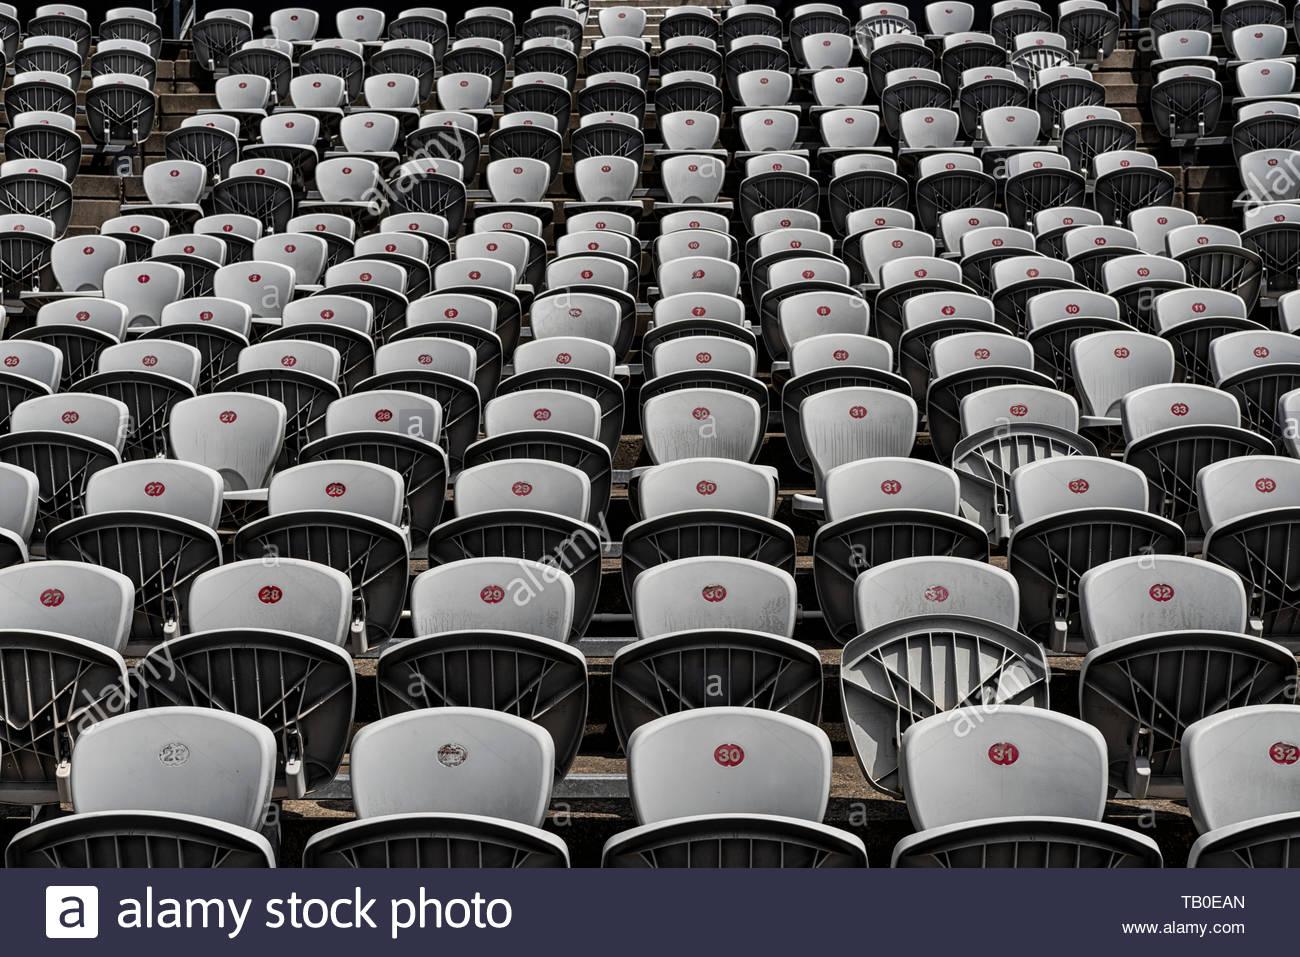 Empty rows of stadium seating Stock Photo